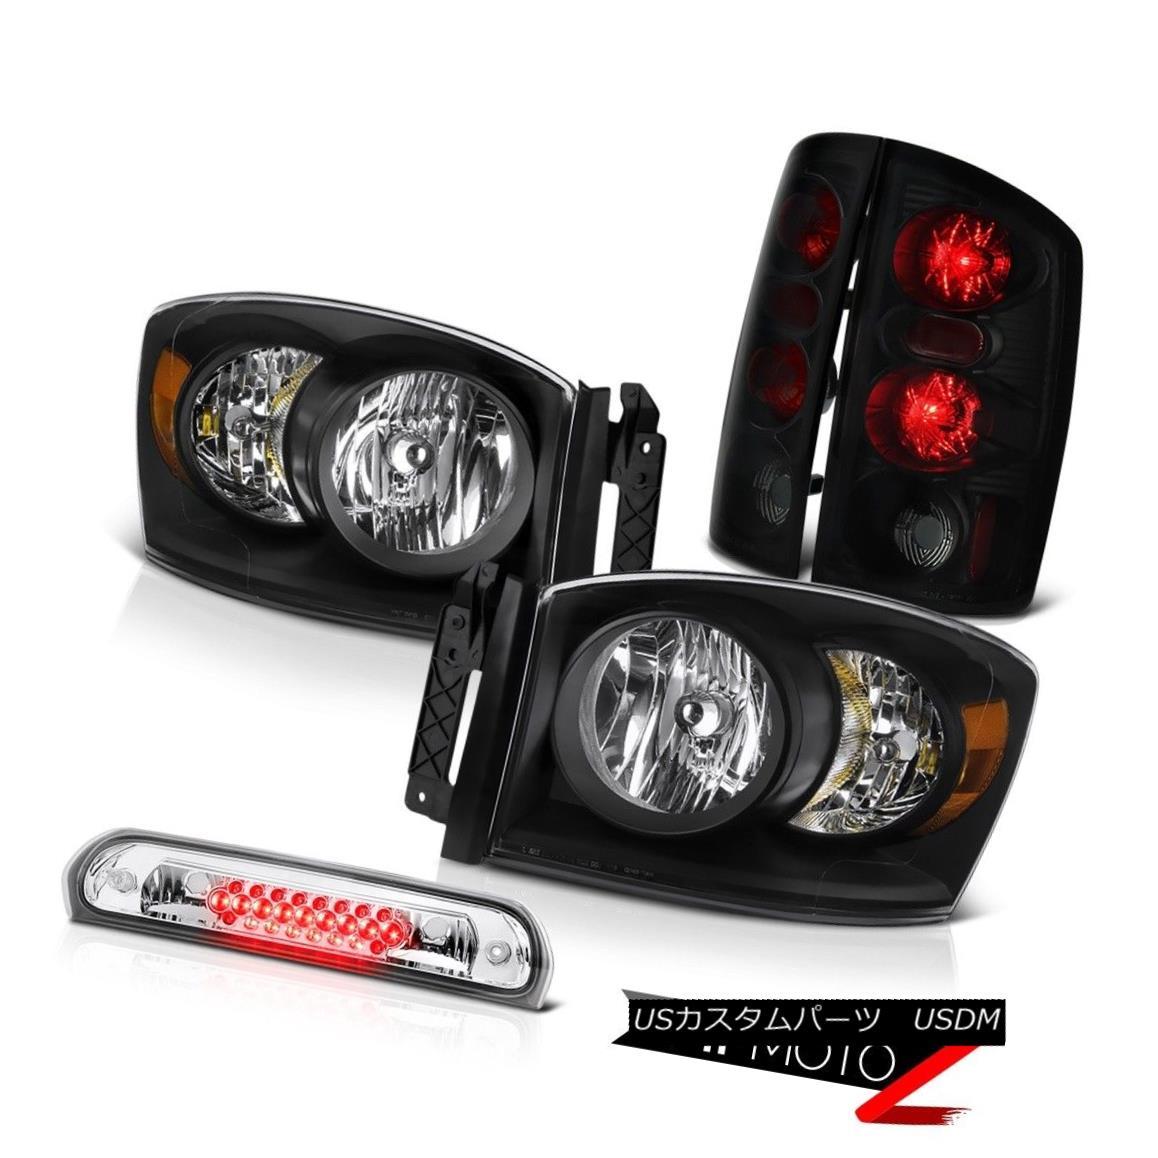 テールライト 2006 Dodge Ram Satin Black Headlamps Smoke+Black Brake Tail Light Chrome 3rd LED 2006ダッジラムサテンブラックヘッドランプスモーク+ブラックブレーキテールライトクローム第3 LED